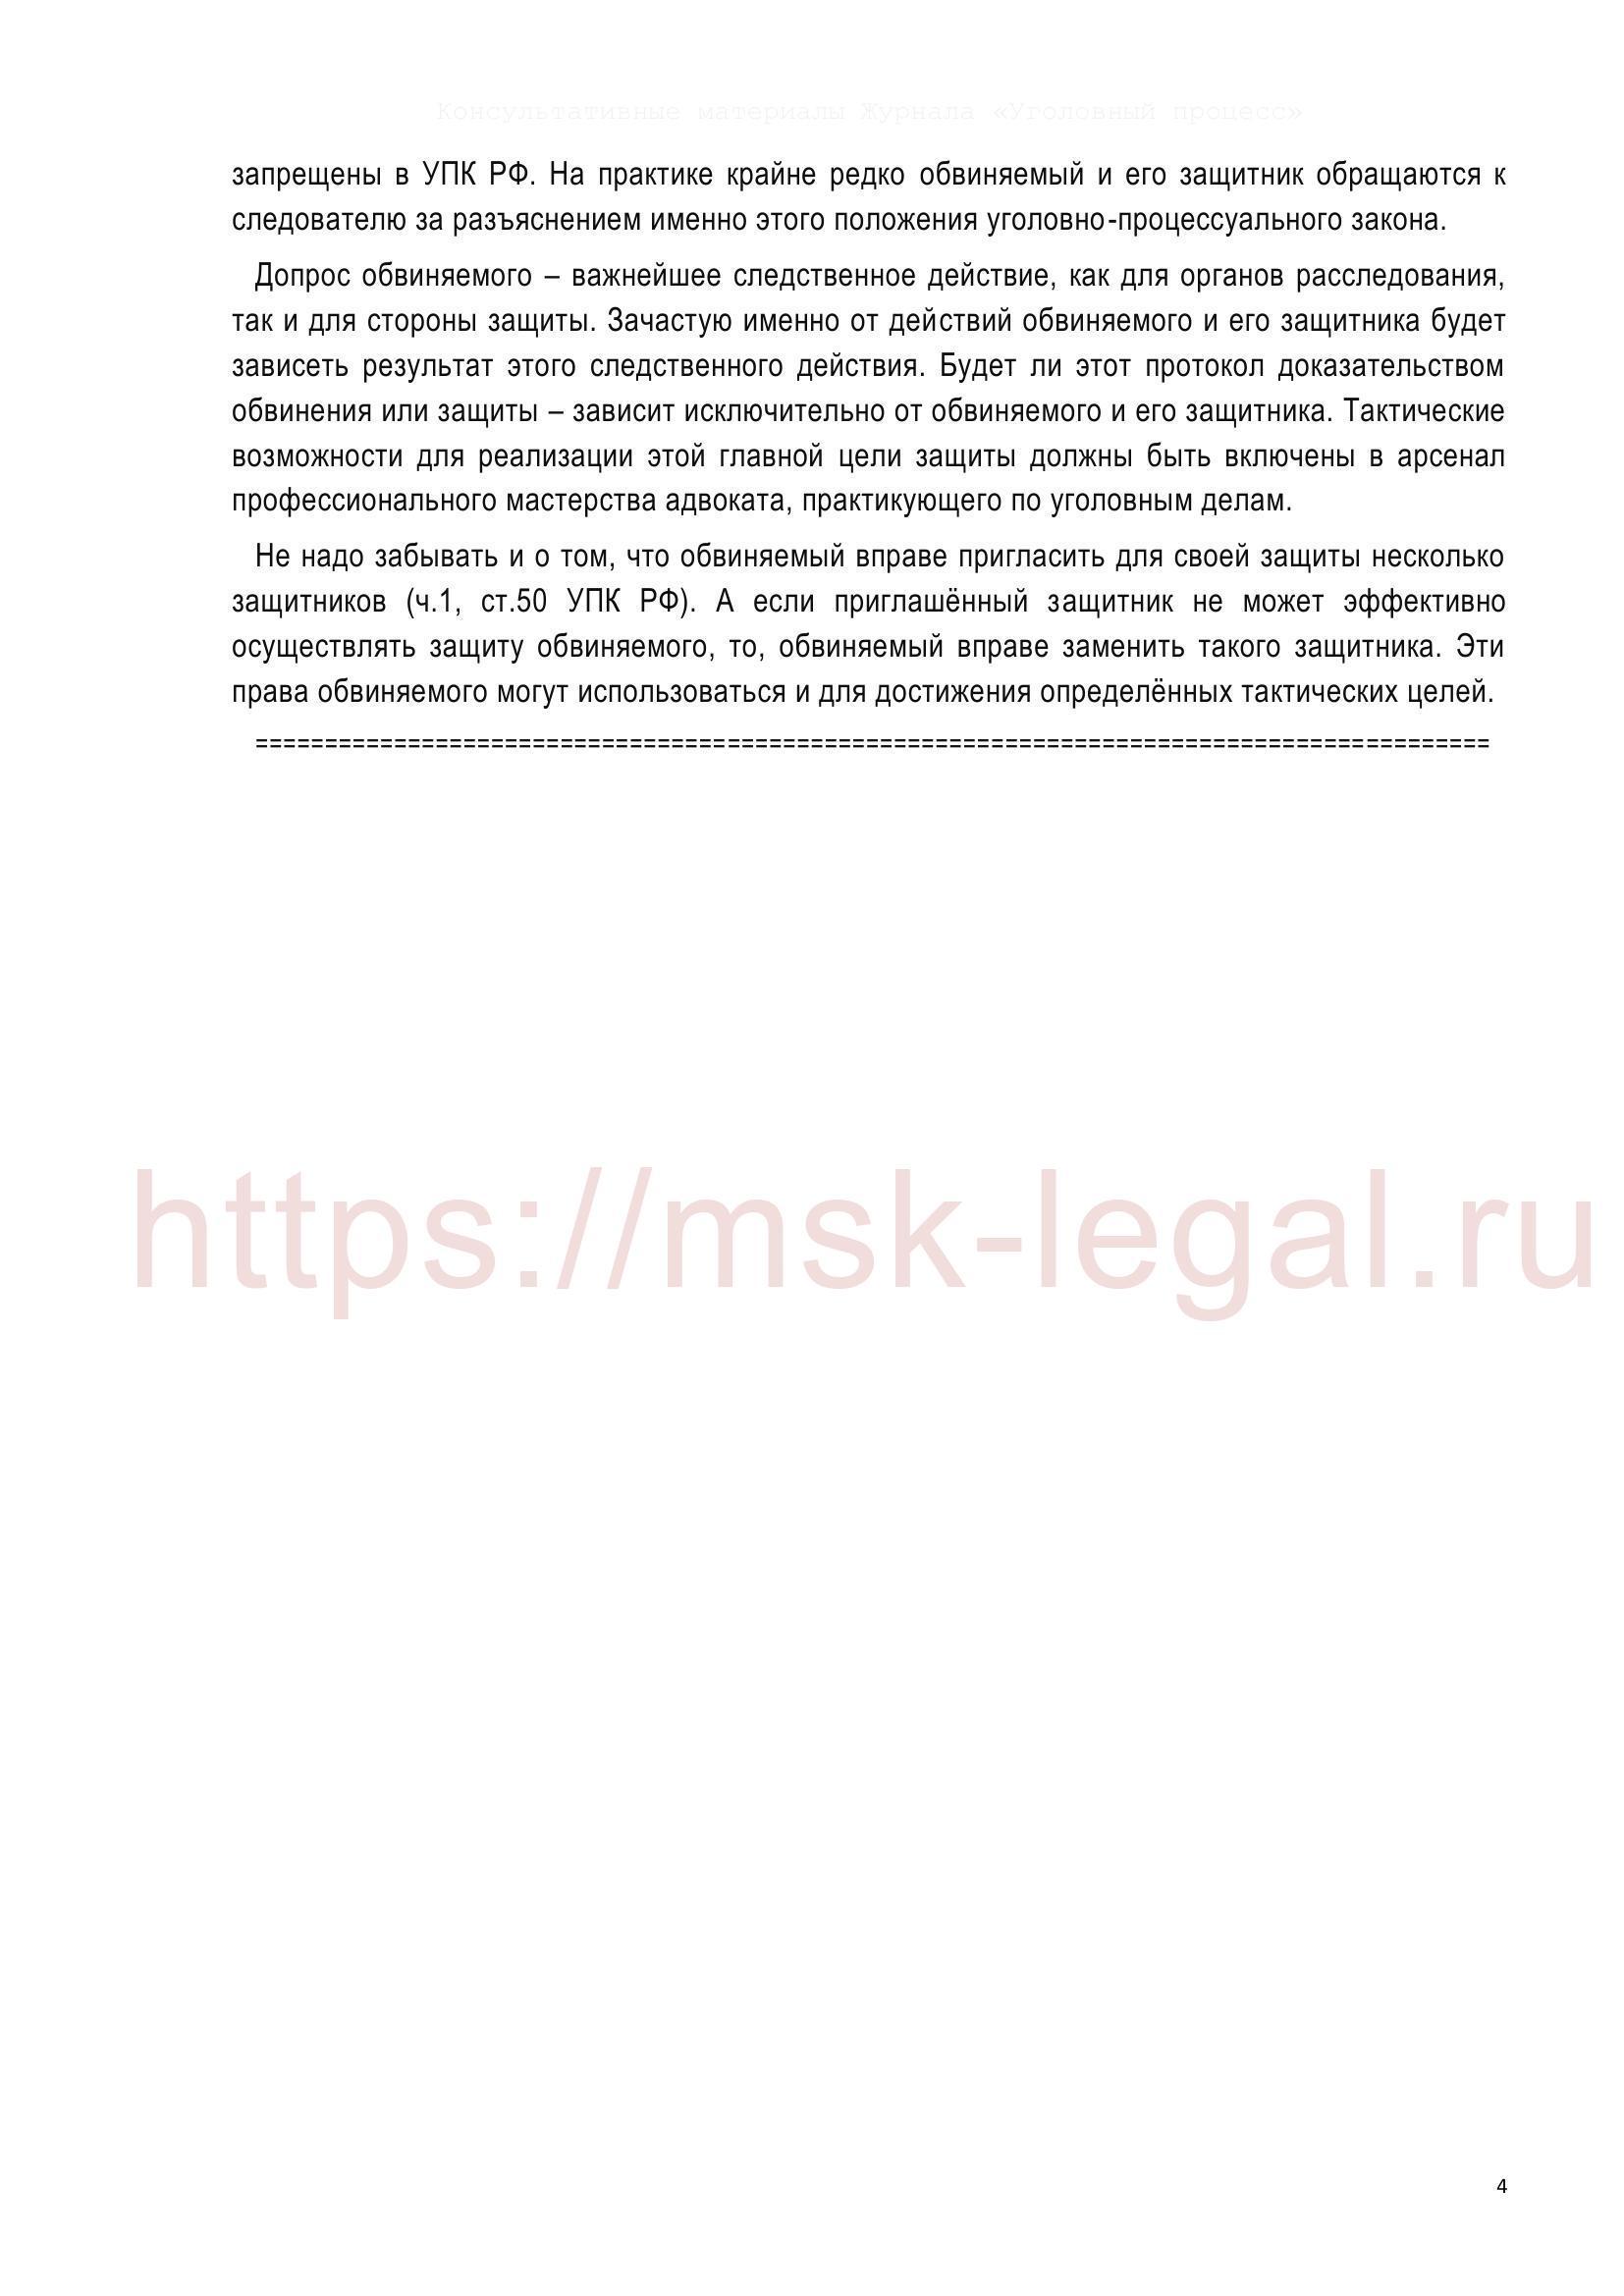 Ходатайство о перепредъявлении обвинения и дополнительном допросе обвиняемого